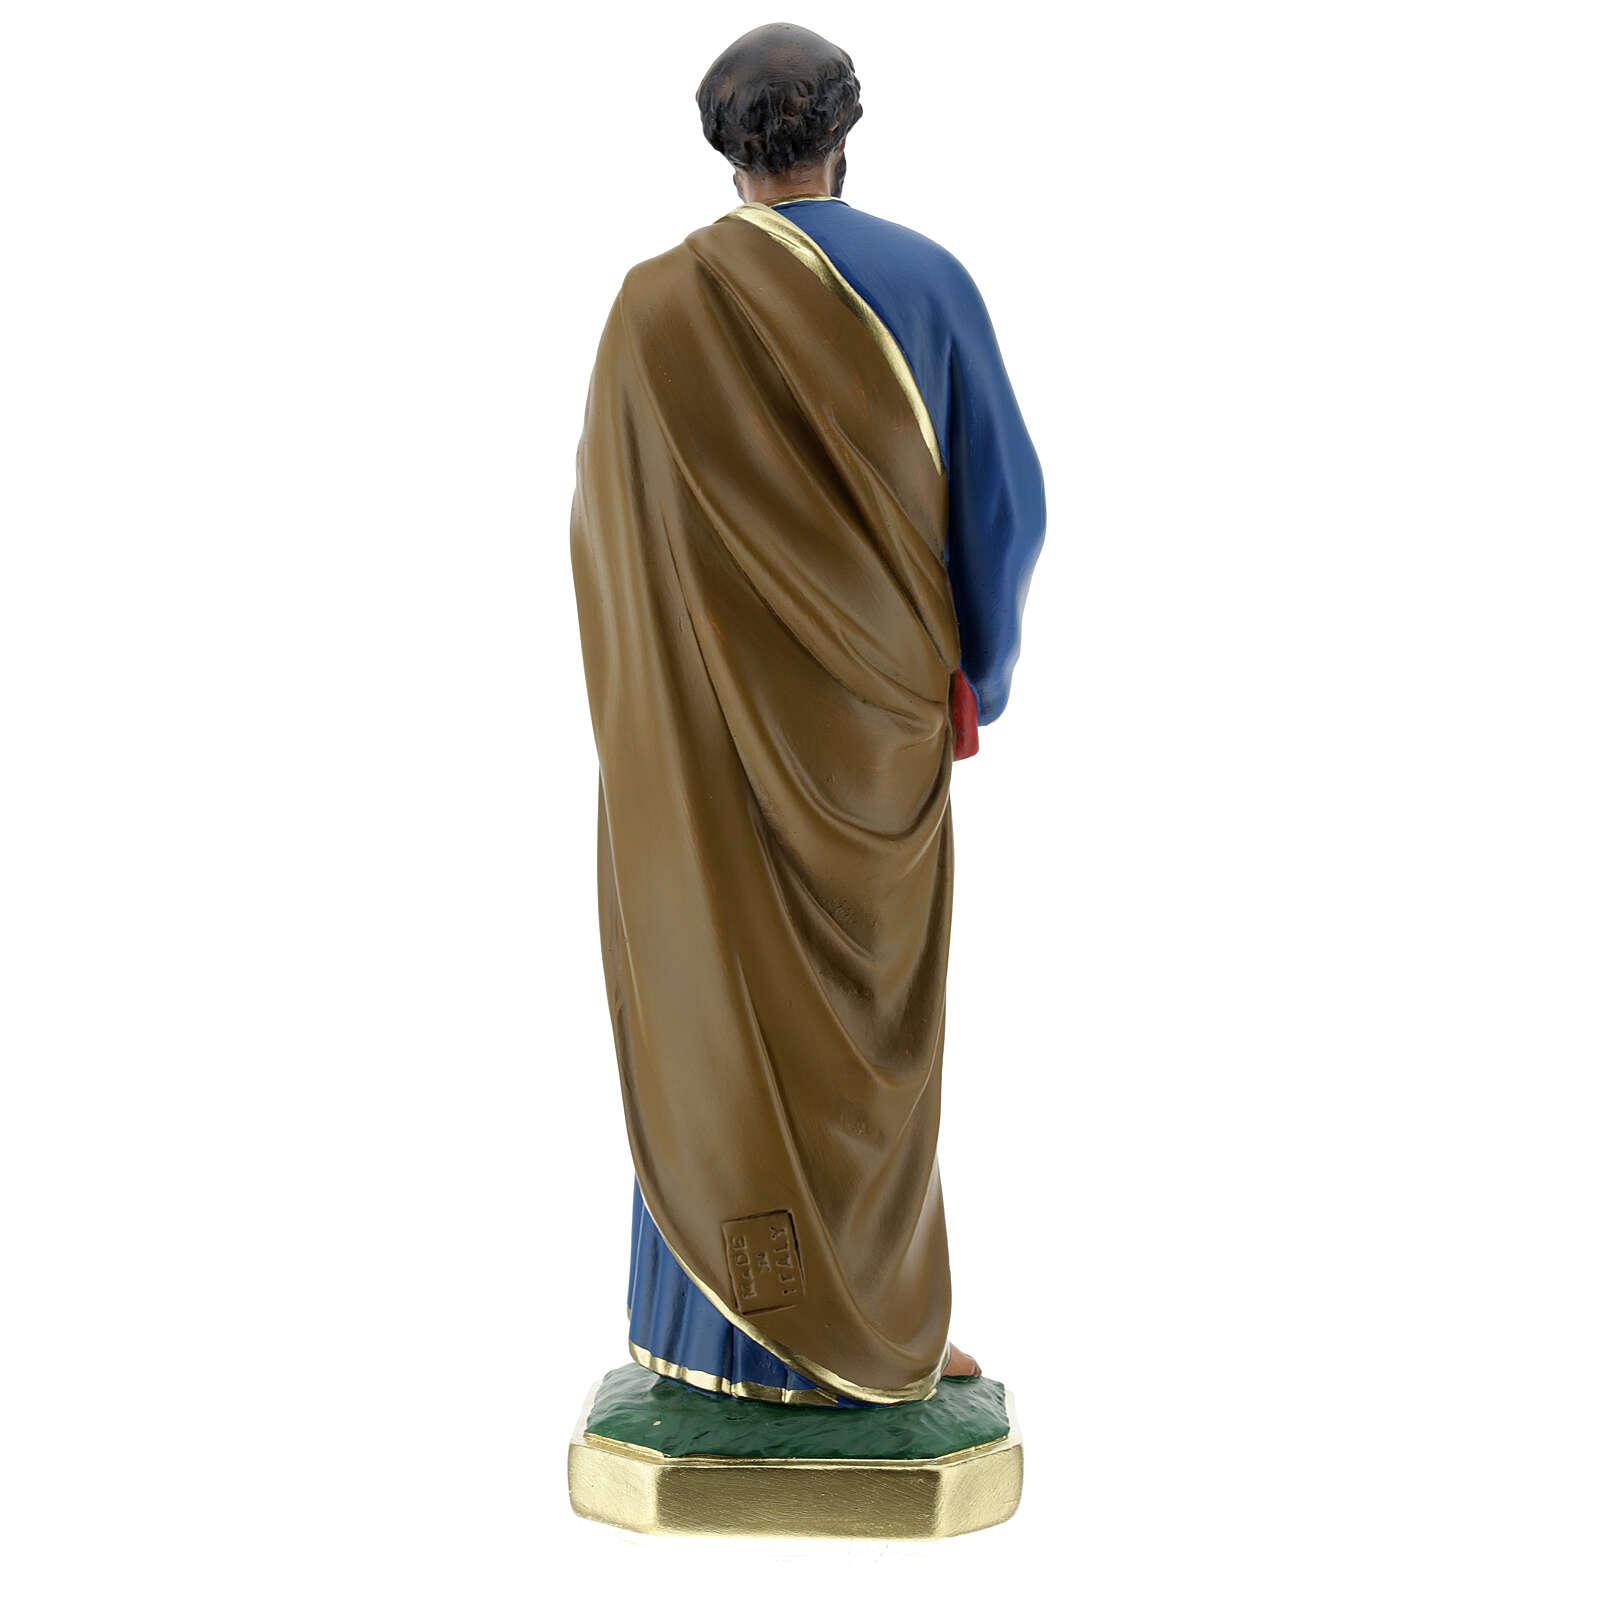 San Pedro estatua yeso 30 cm pintada a mano Arte Barsanti 4